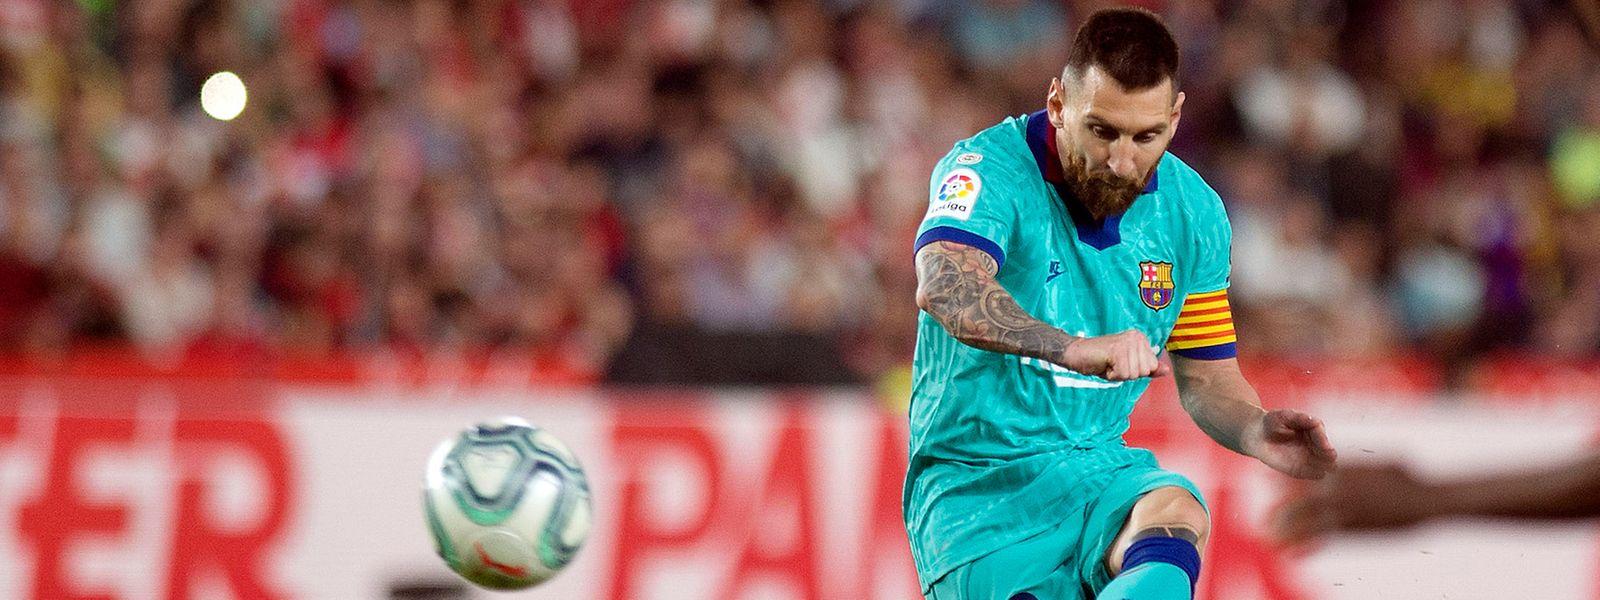 Lionel Messi und seine Teamkollegen müssen auf einen neuen Termin warten.